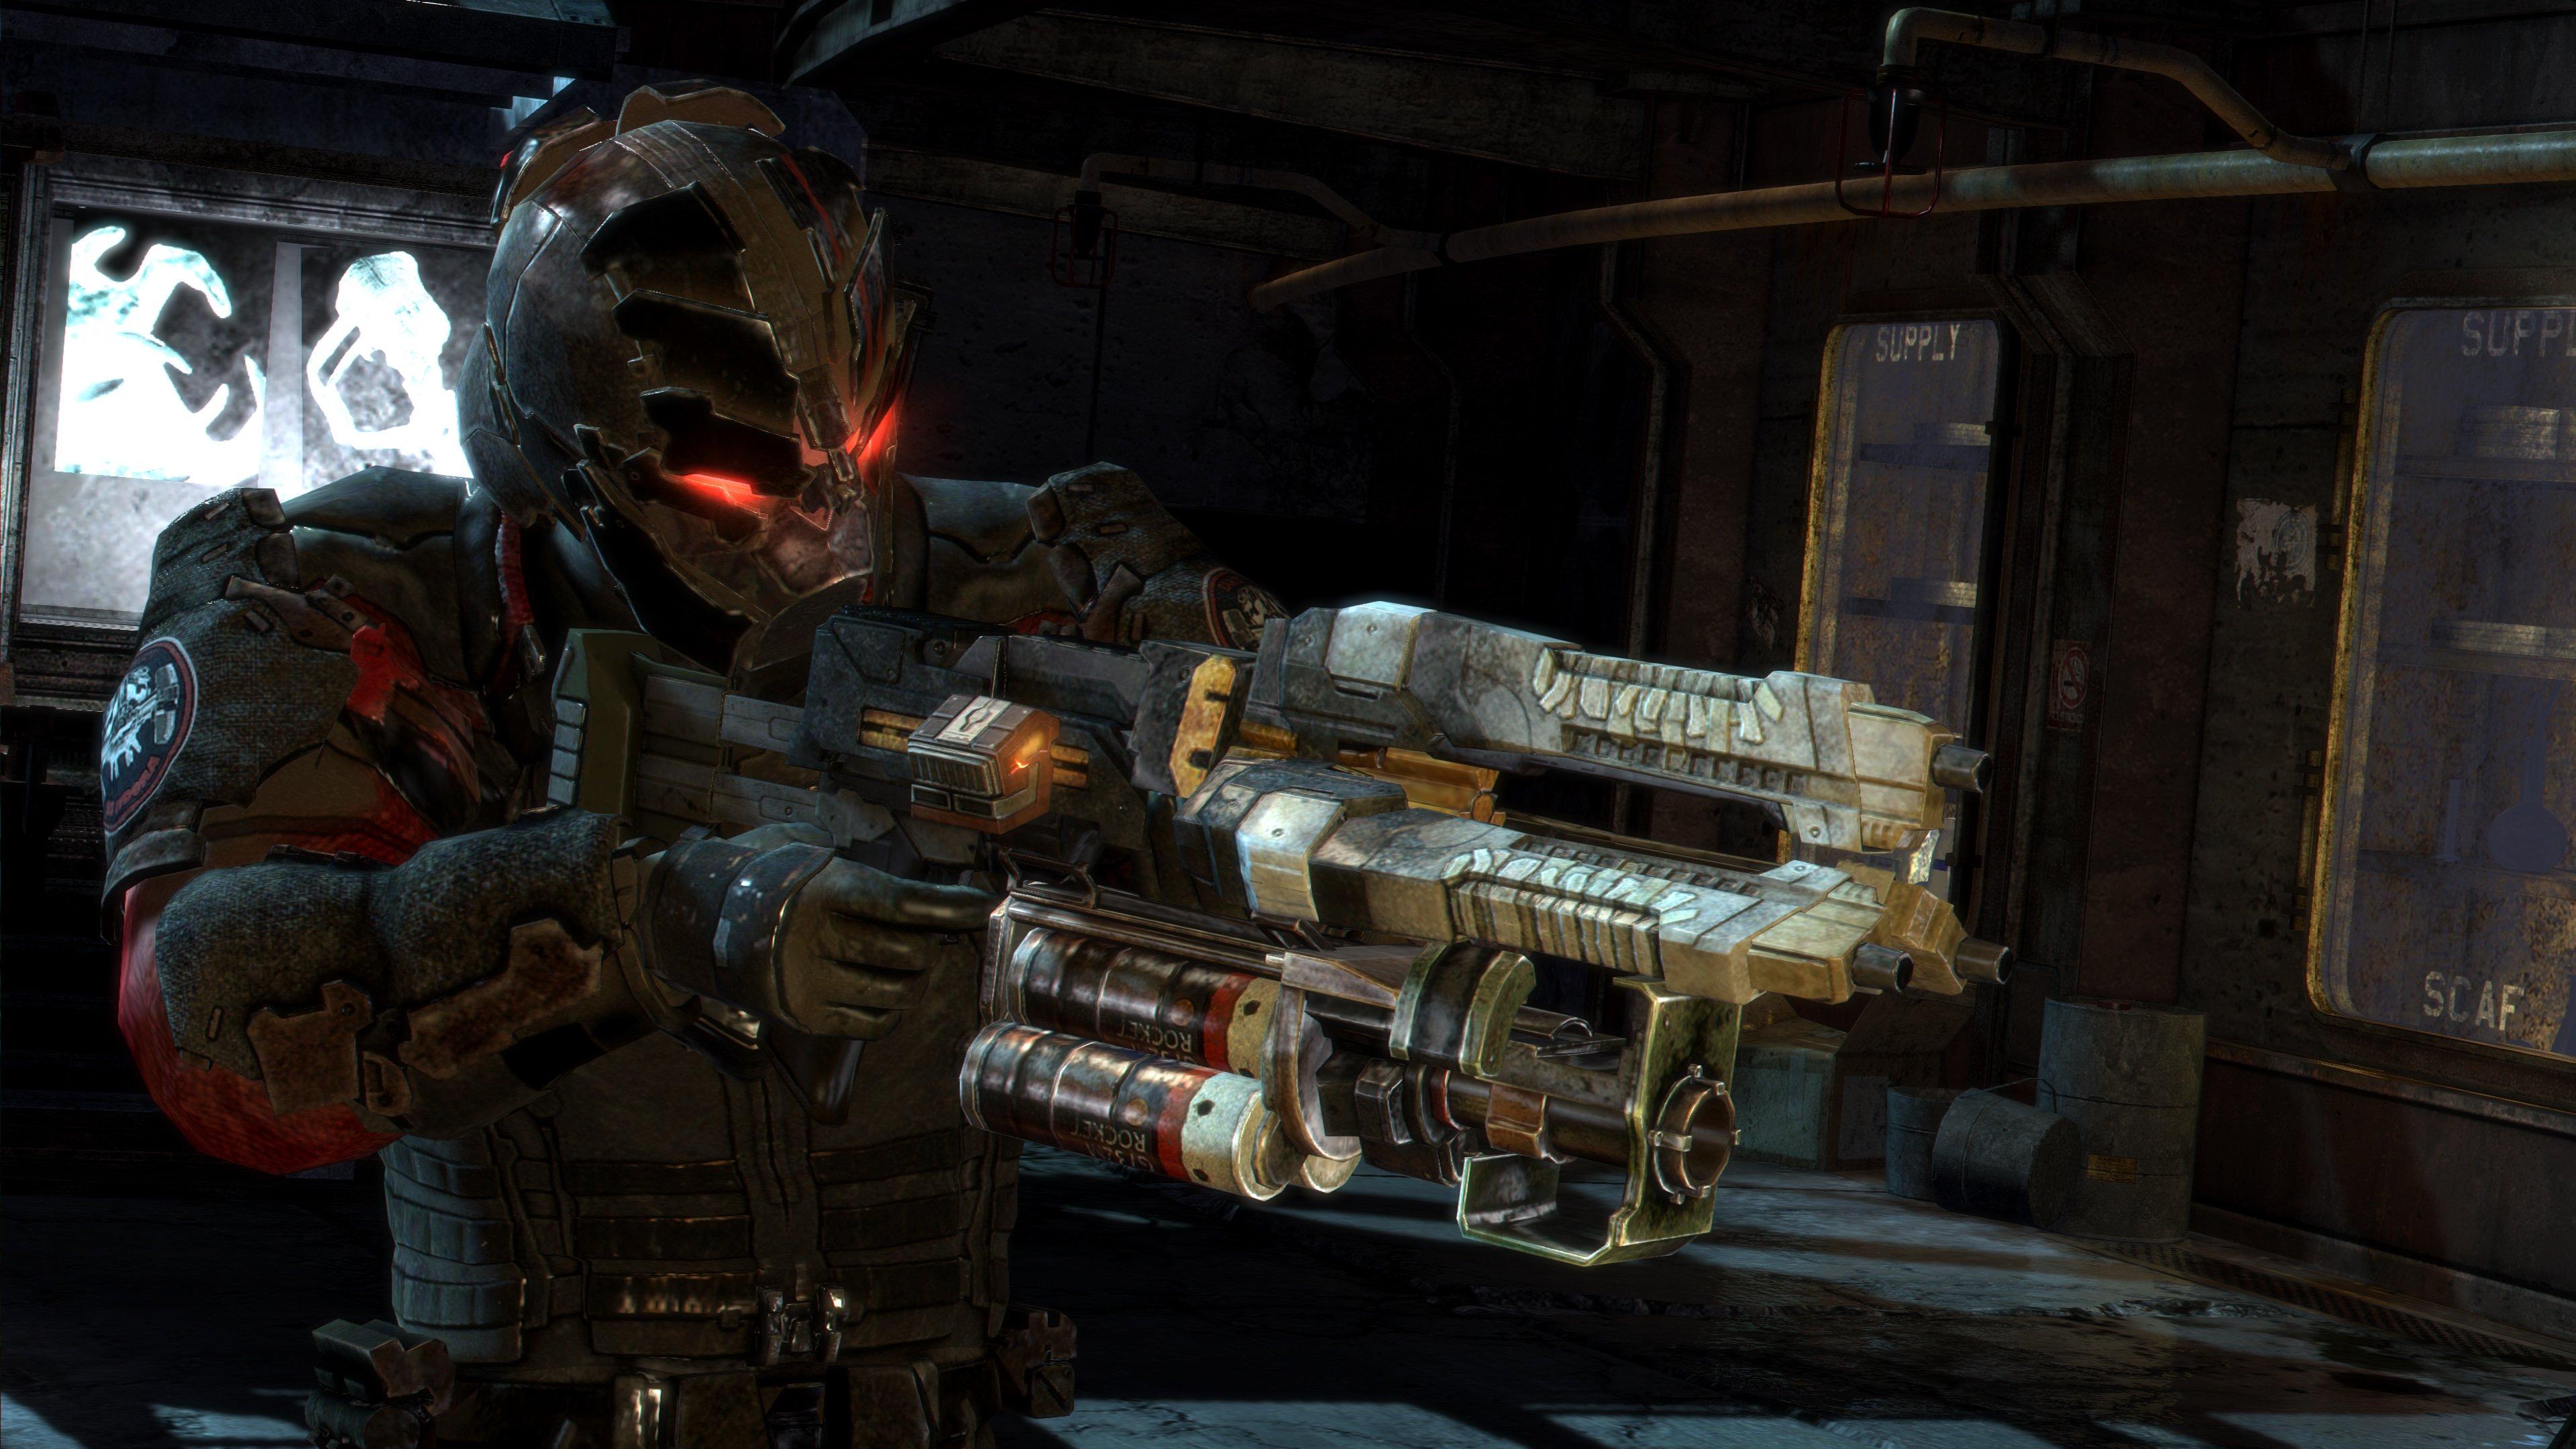 От переводчика.  Это перевод четвертой статьи из блога разработчиков игры Dead Space 3. В переводе некоторых термино ... - Изображение 1